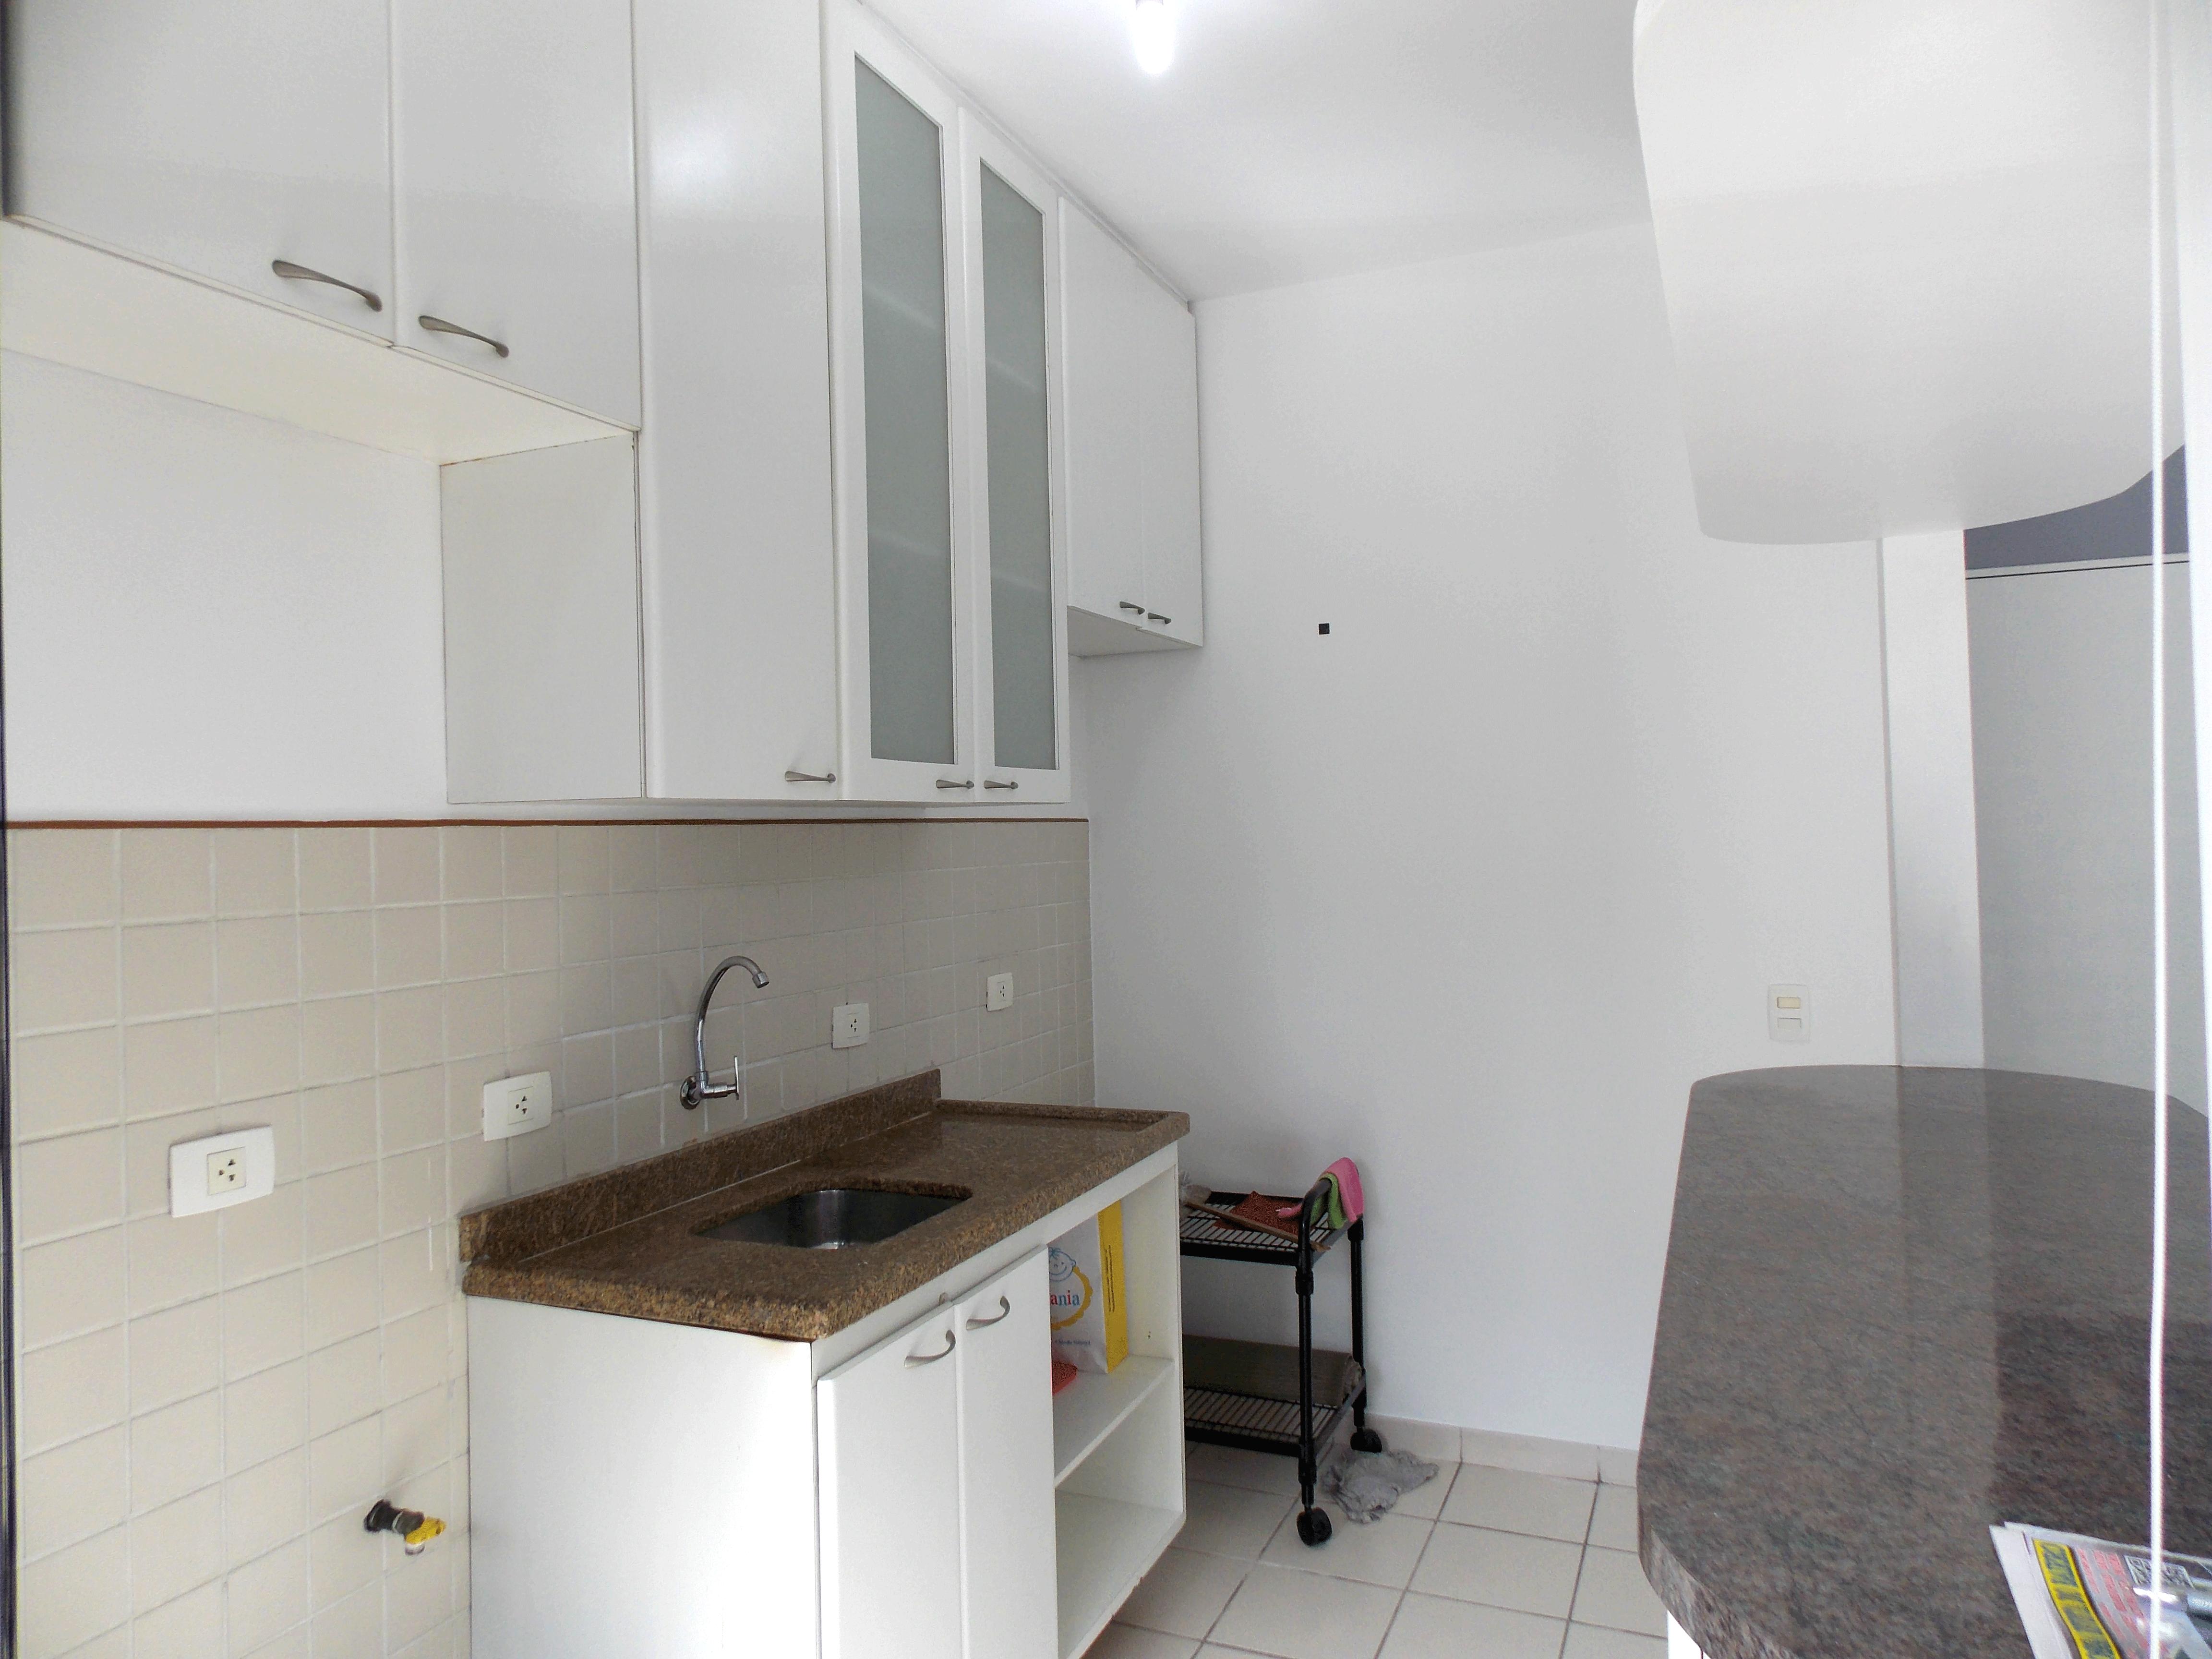 Apartamento 1 Dormit Rios Na Avenida Bosque Da Sa De Sa De Seiko